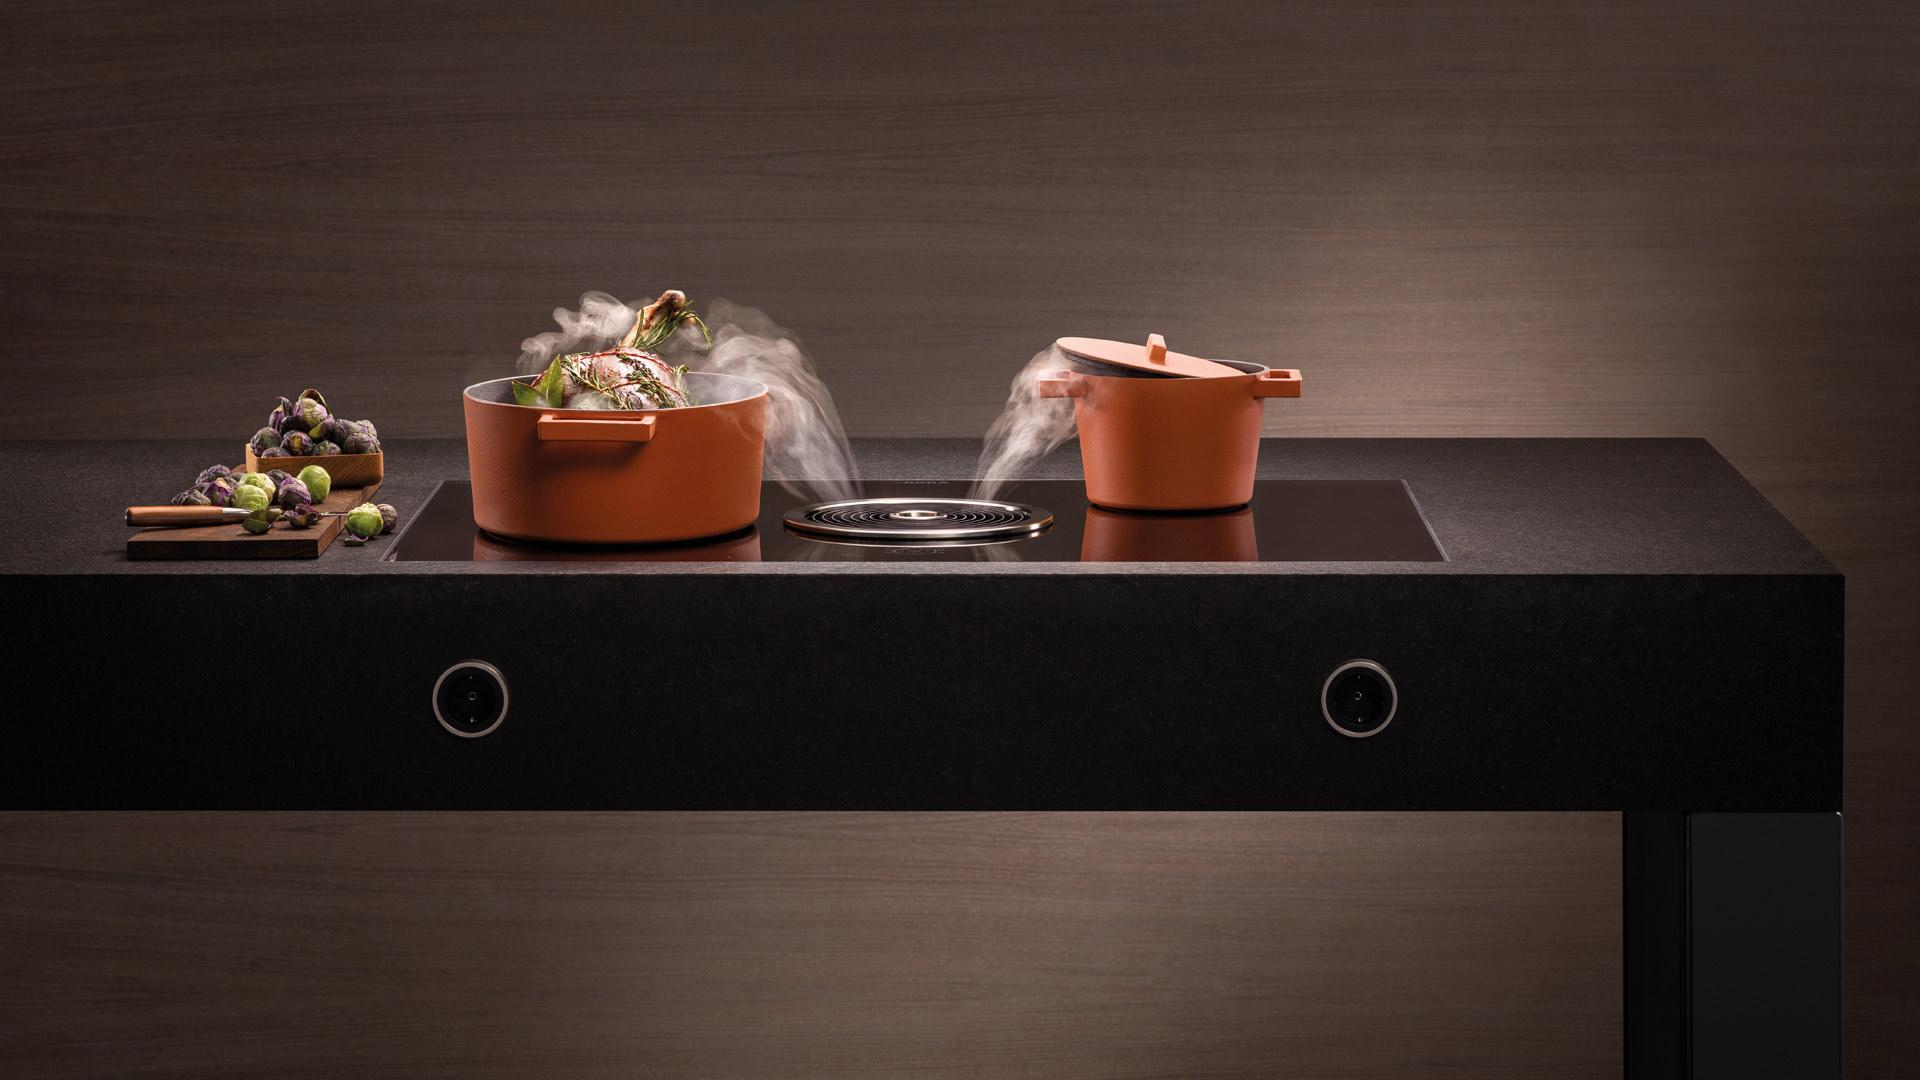 BORA Basic - Kompaktes Design für jede Küche